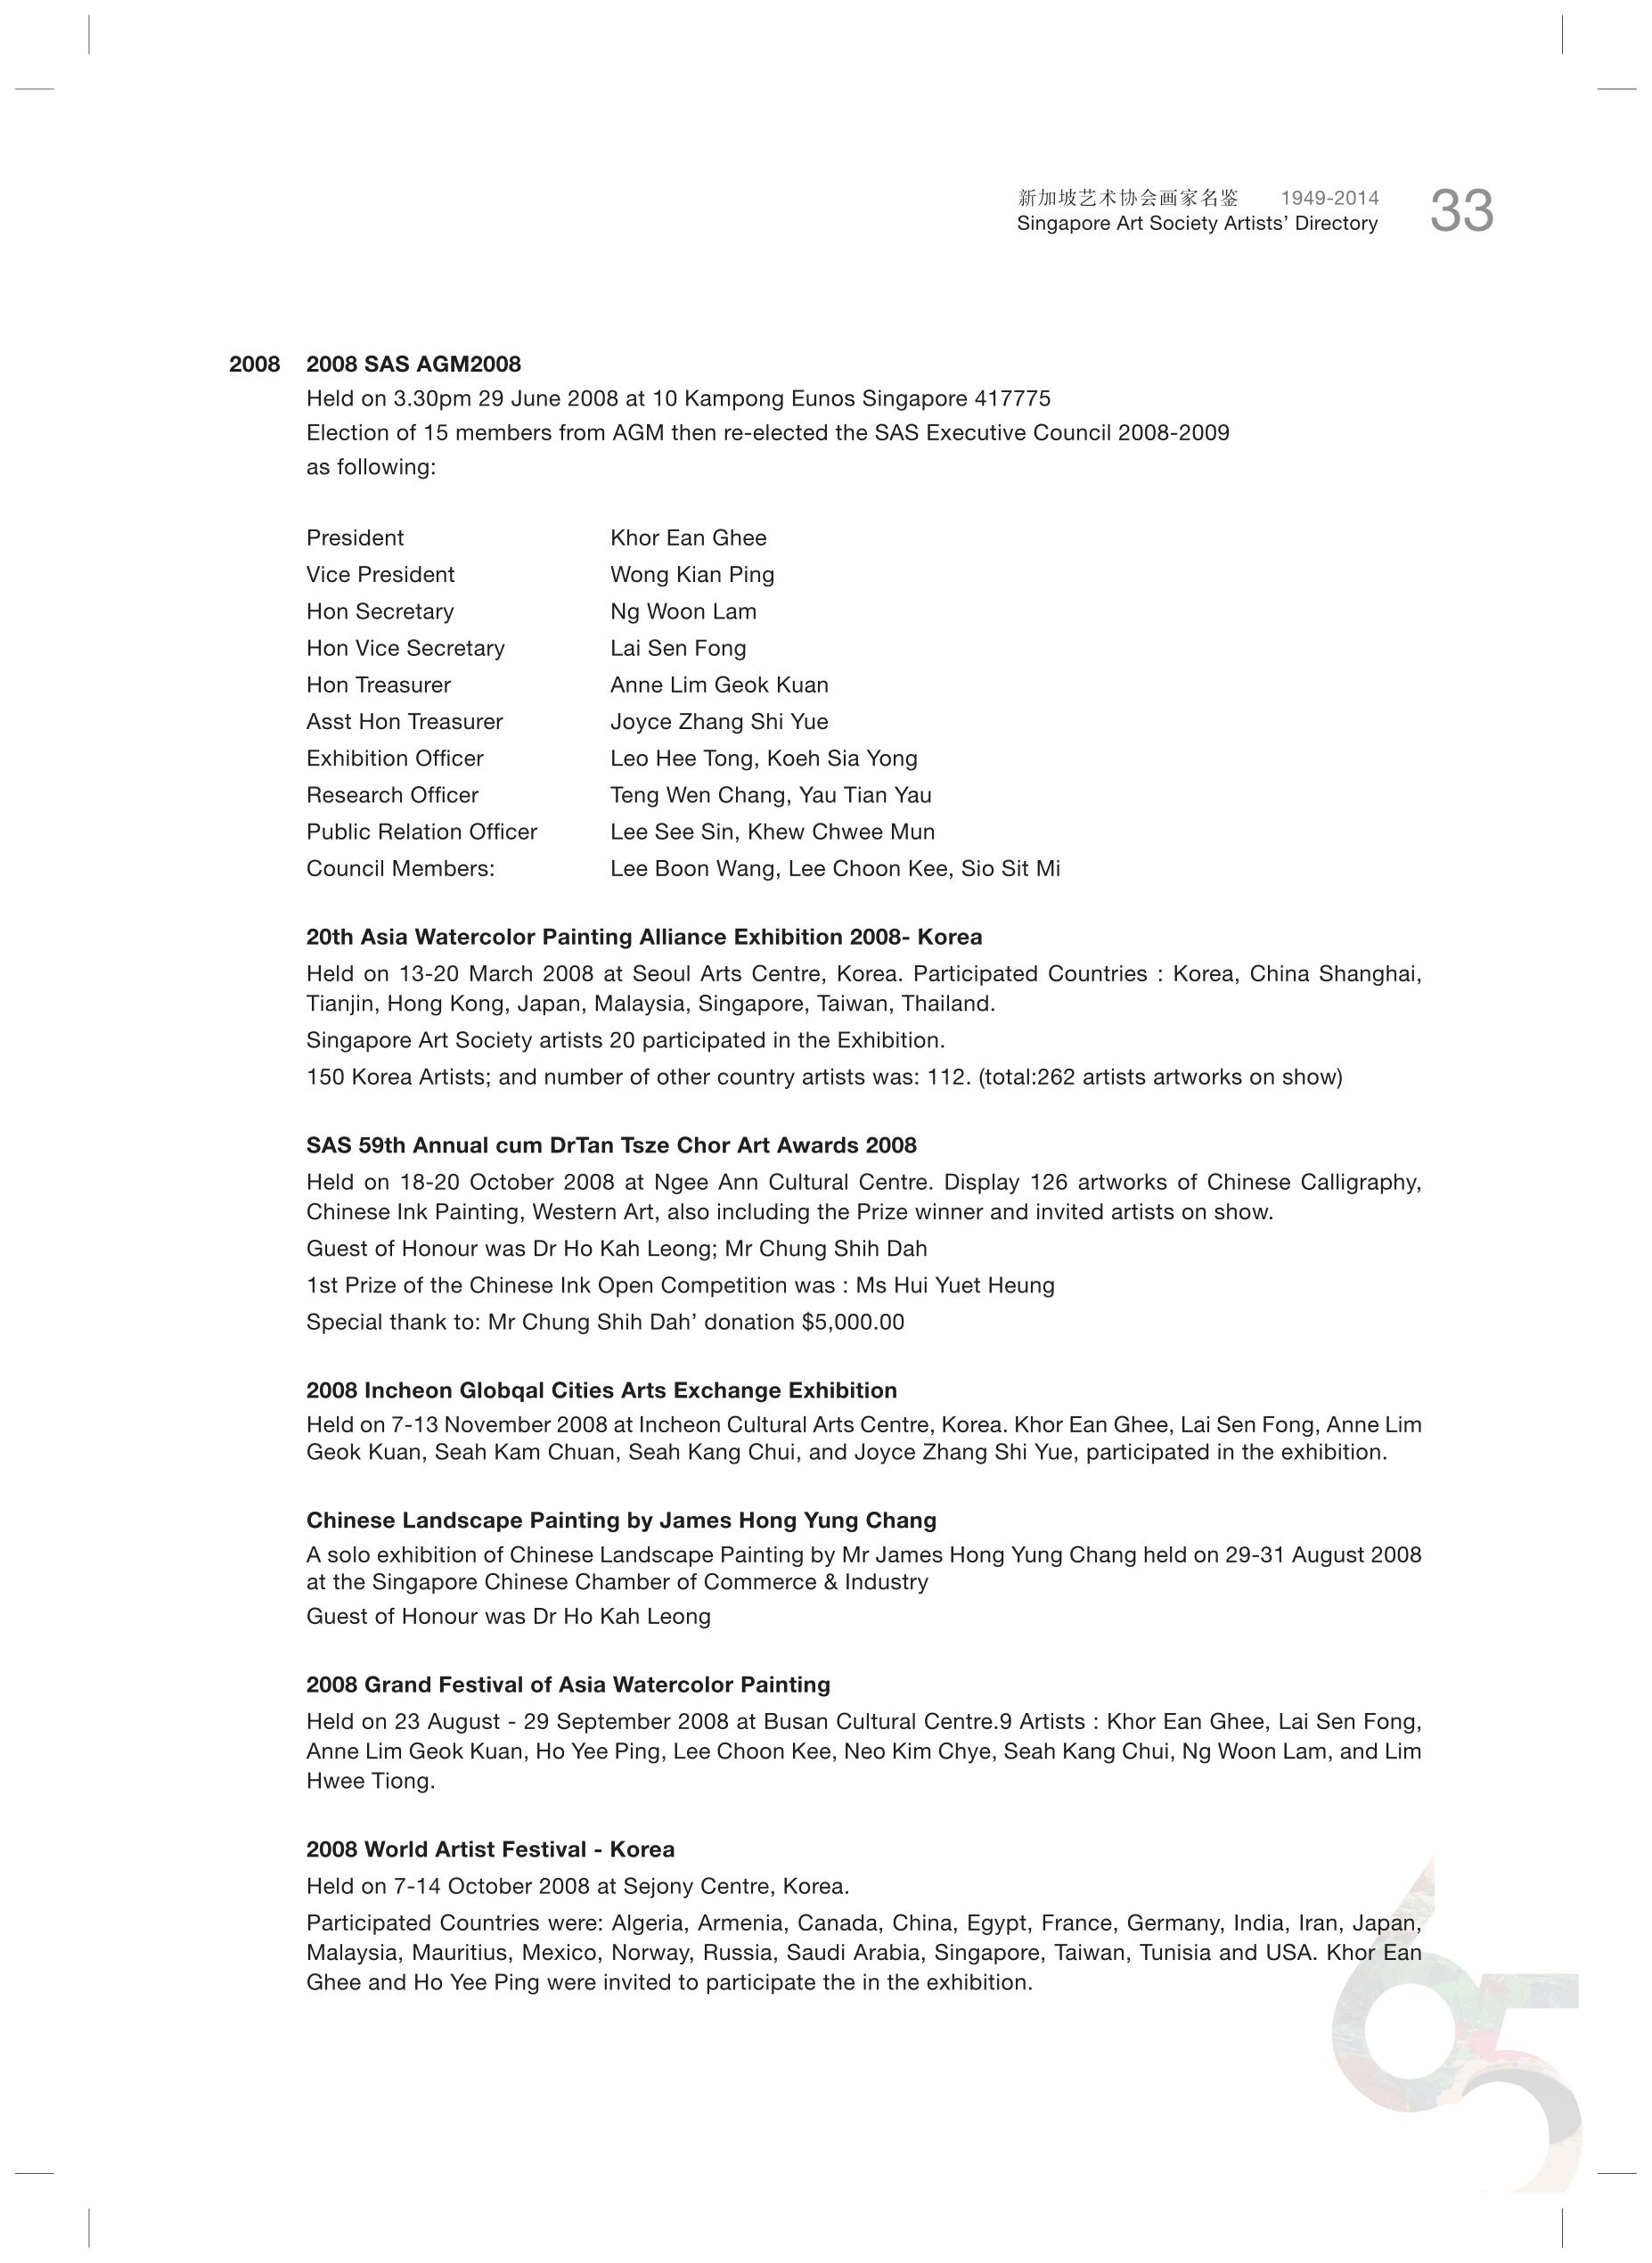 SG 65 inside_Part3-11